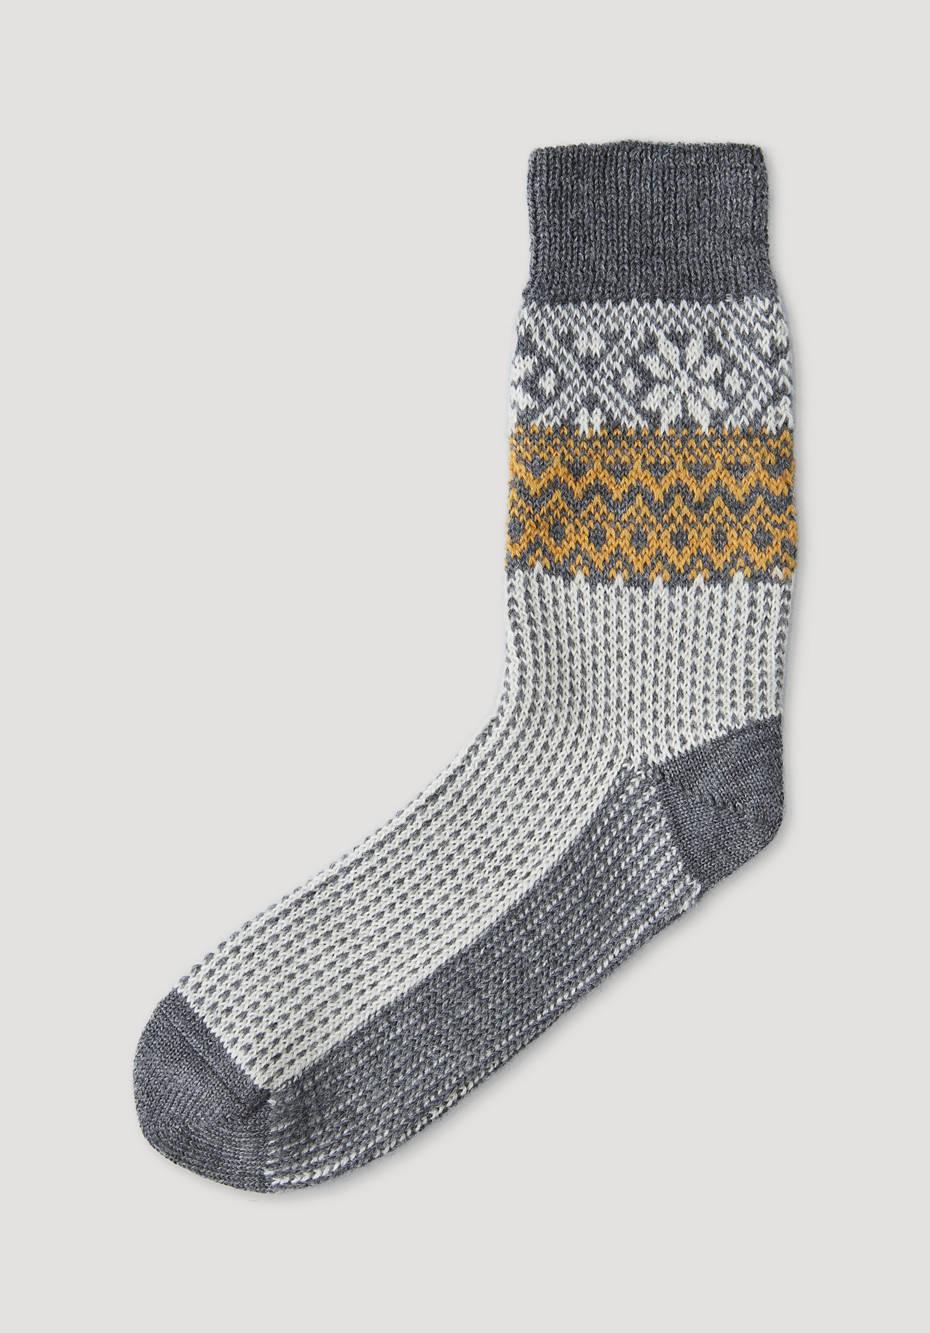 Norwegian sock made from pure organic merino wool